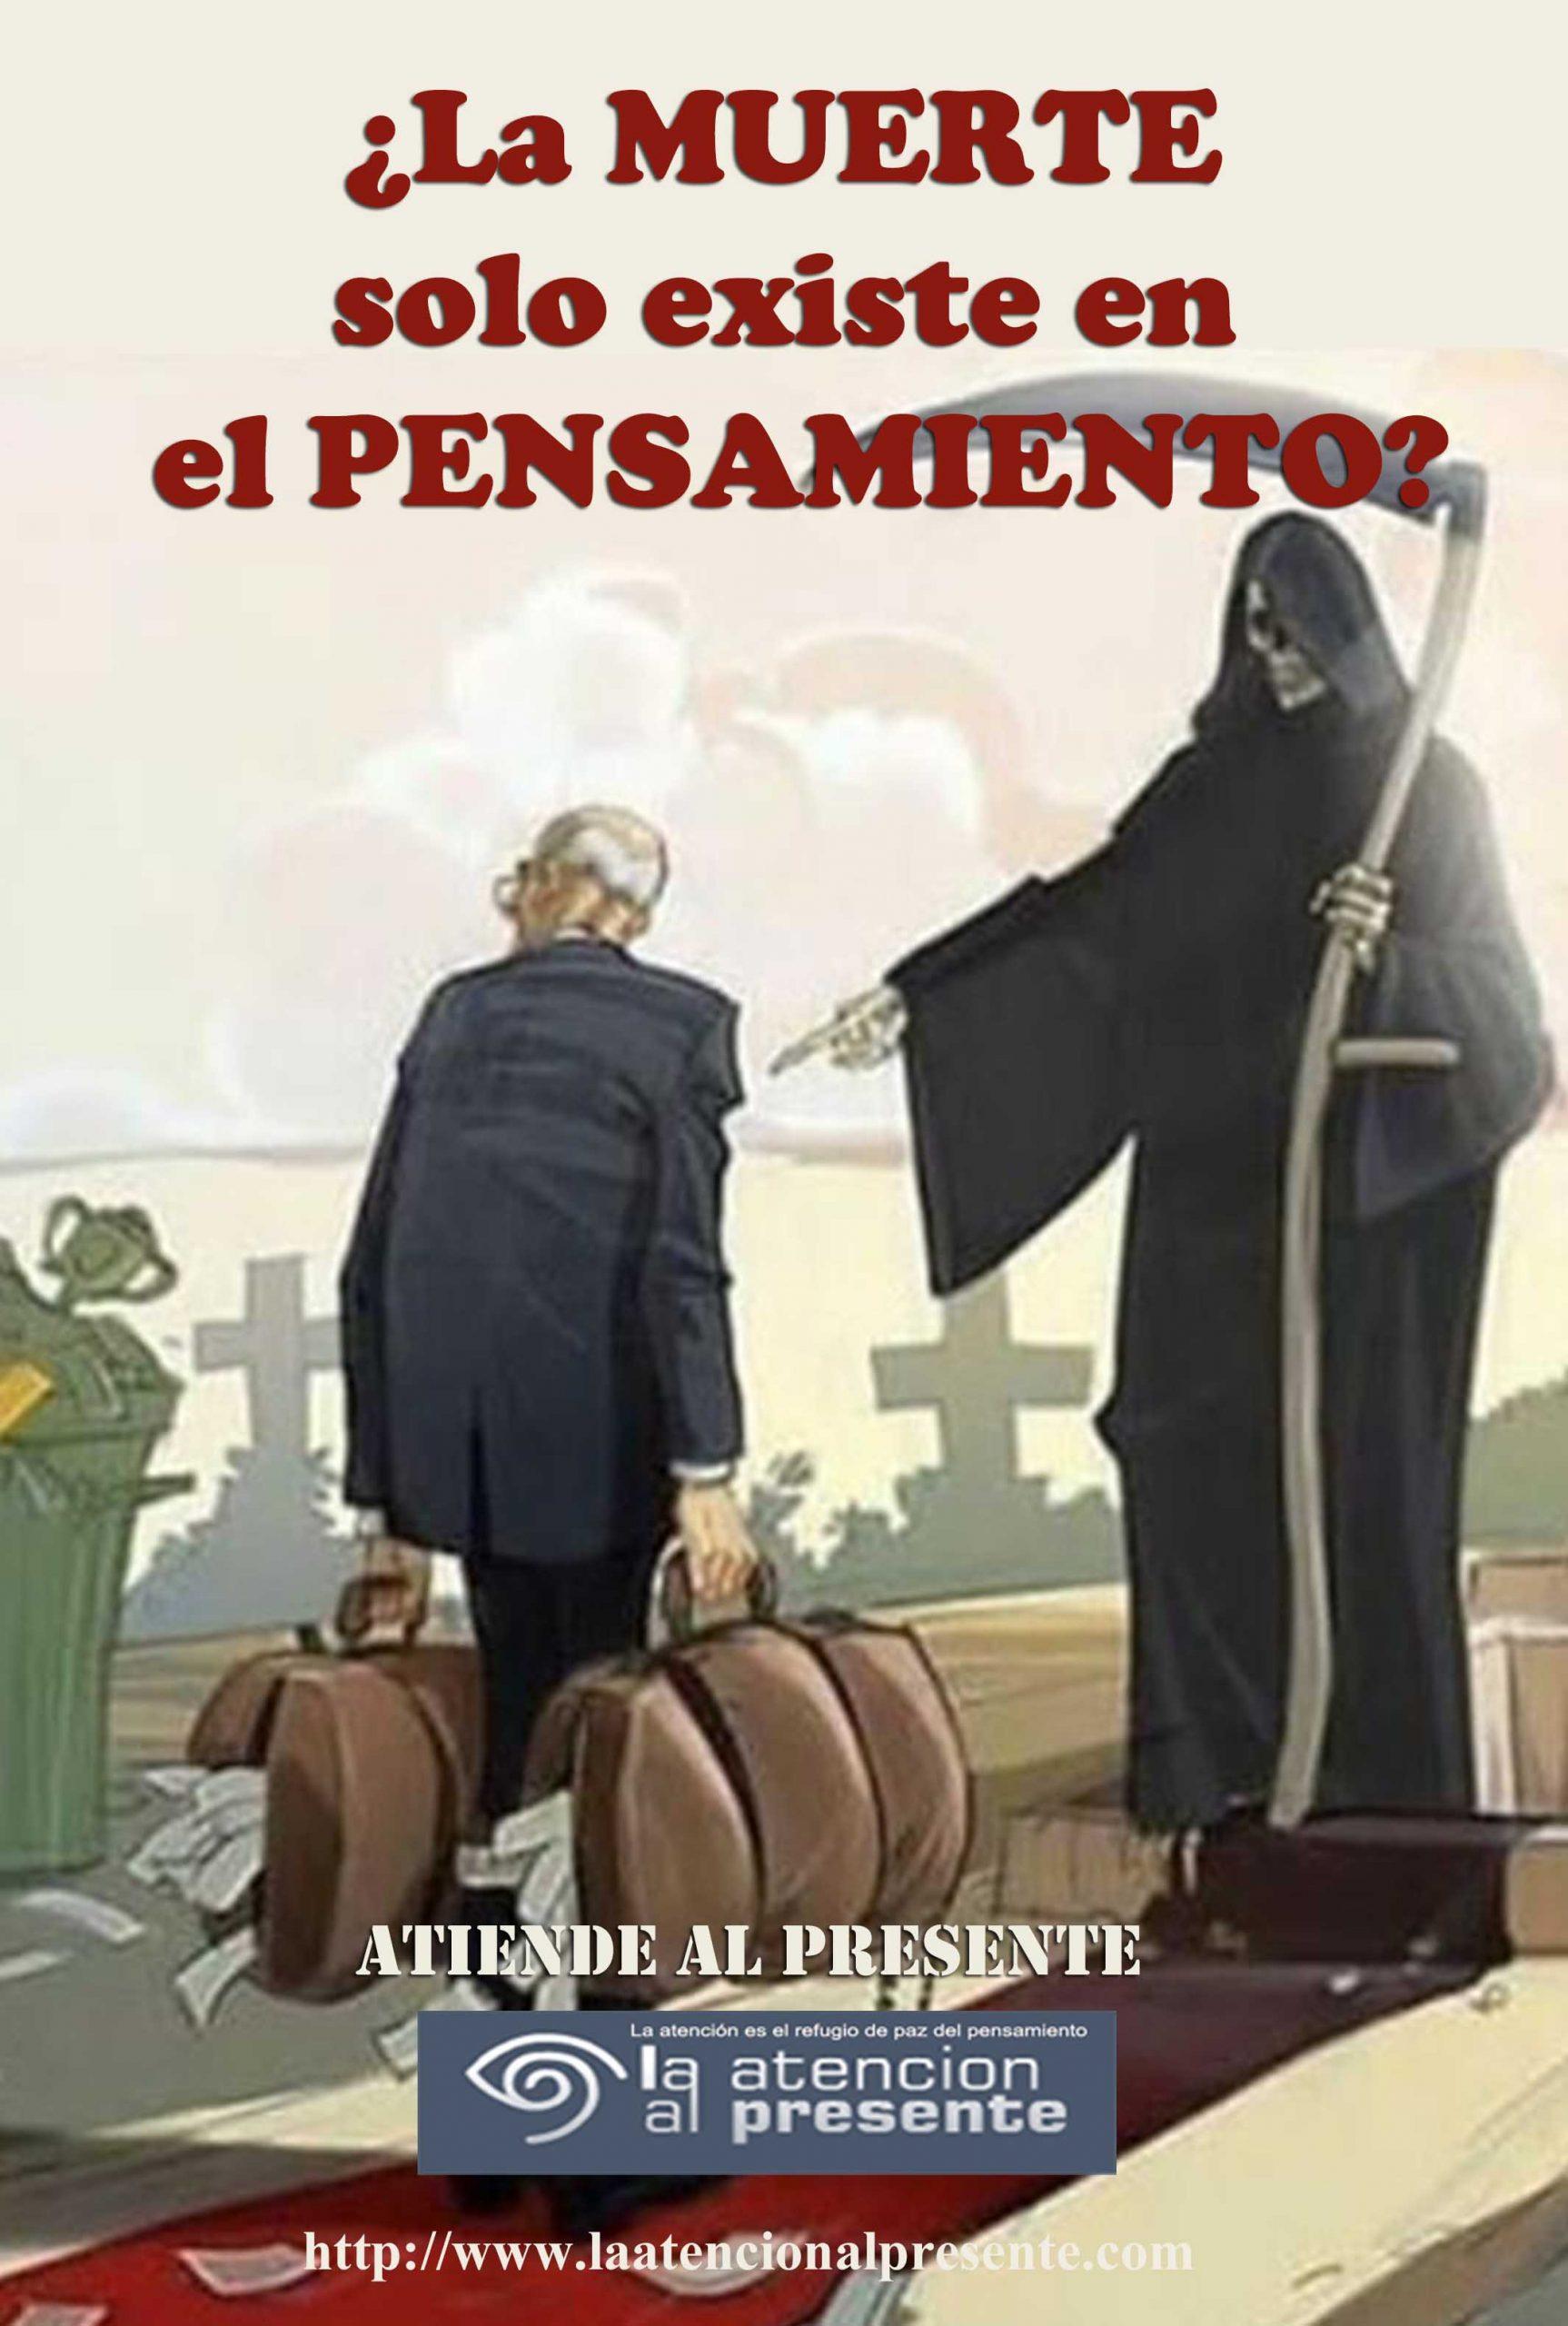 17 de Diciembre Esteban La MUERTE solo existe en el PENSAMIENTO min scaled